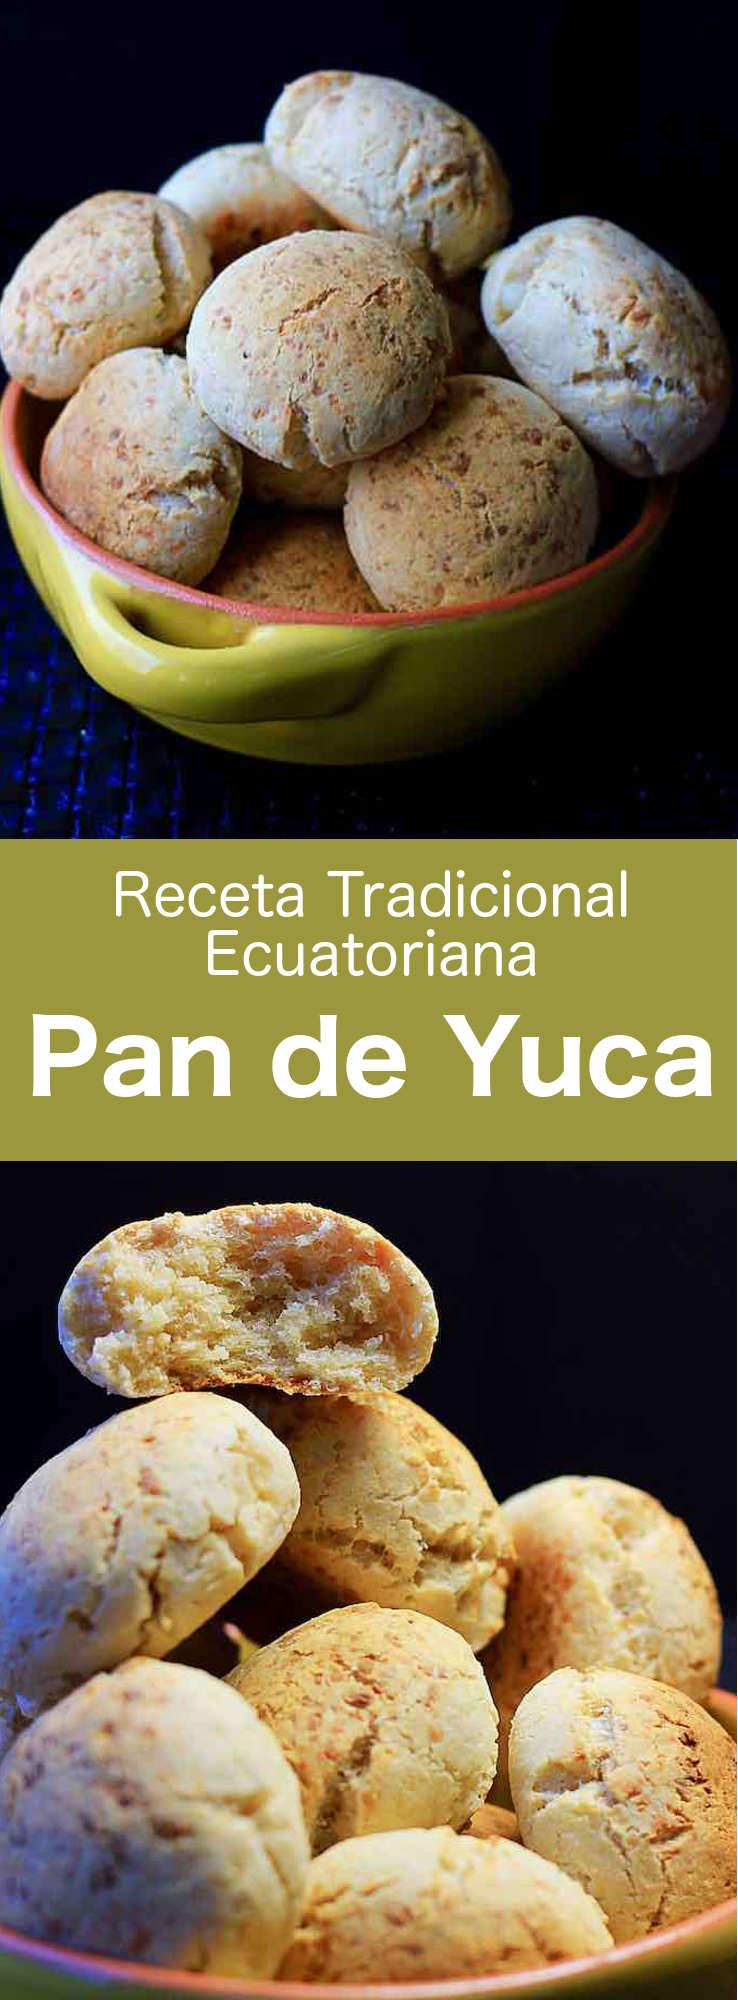 El pan de yuca es un pequeño bollo hecho con harina de yuca y queso, típico de la región costera de Ecuador y el sur de Colombia.